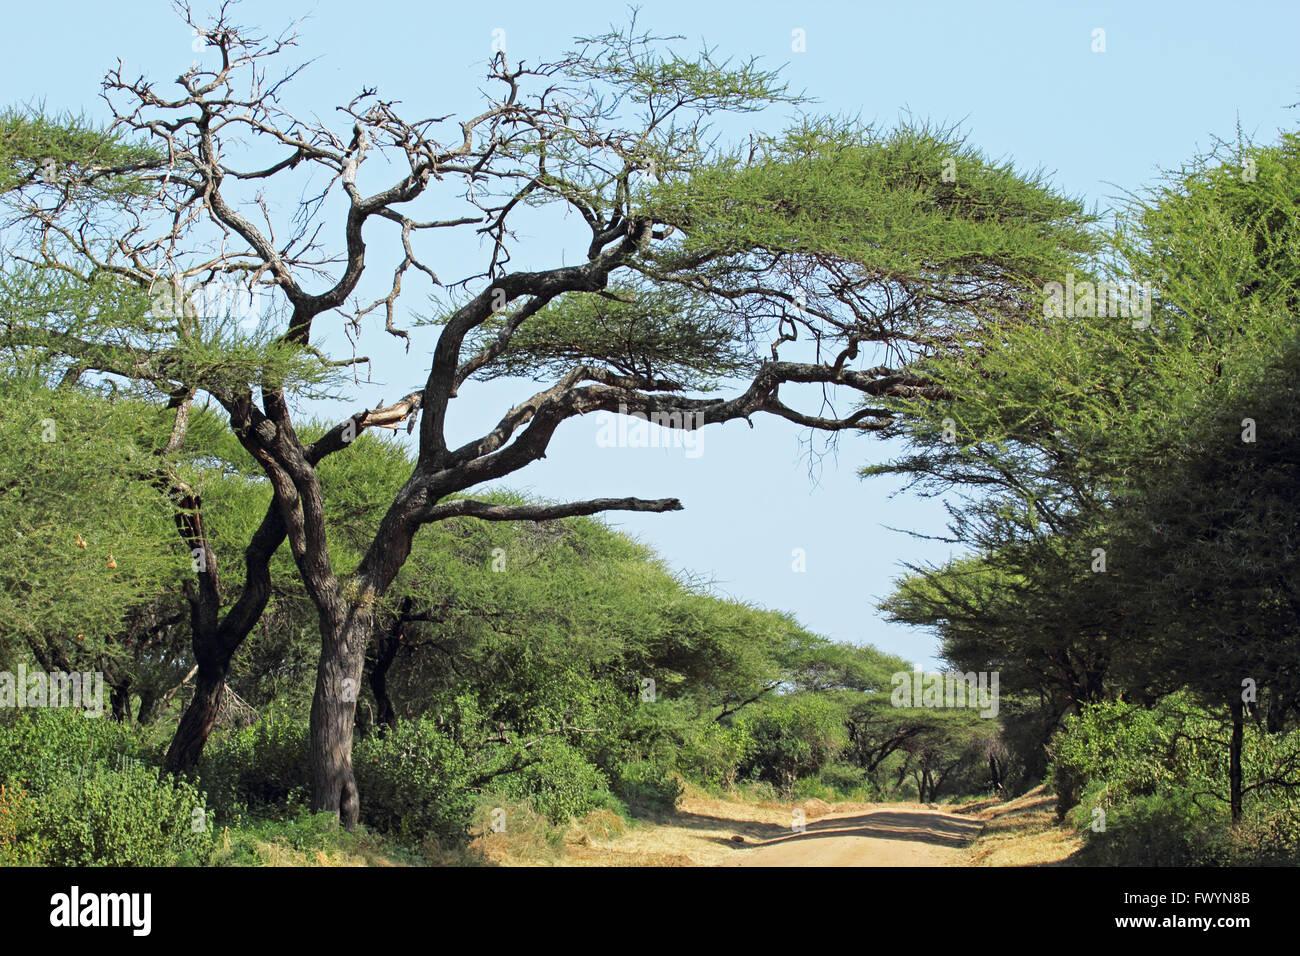 Endless dusty road under an acacia tree, Lake Manyara National park in Tanzania - Stock Image